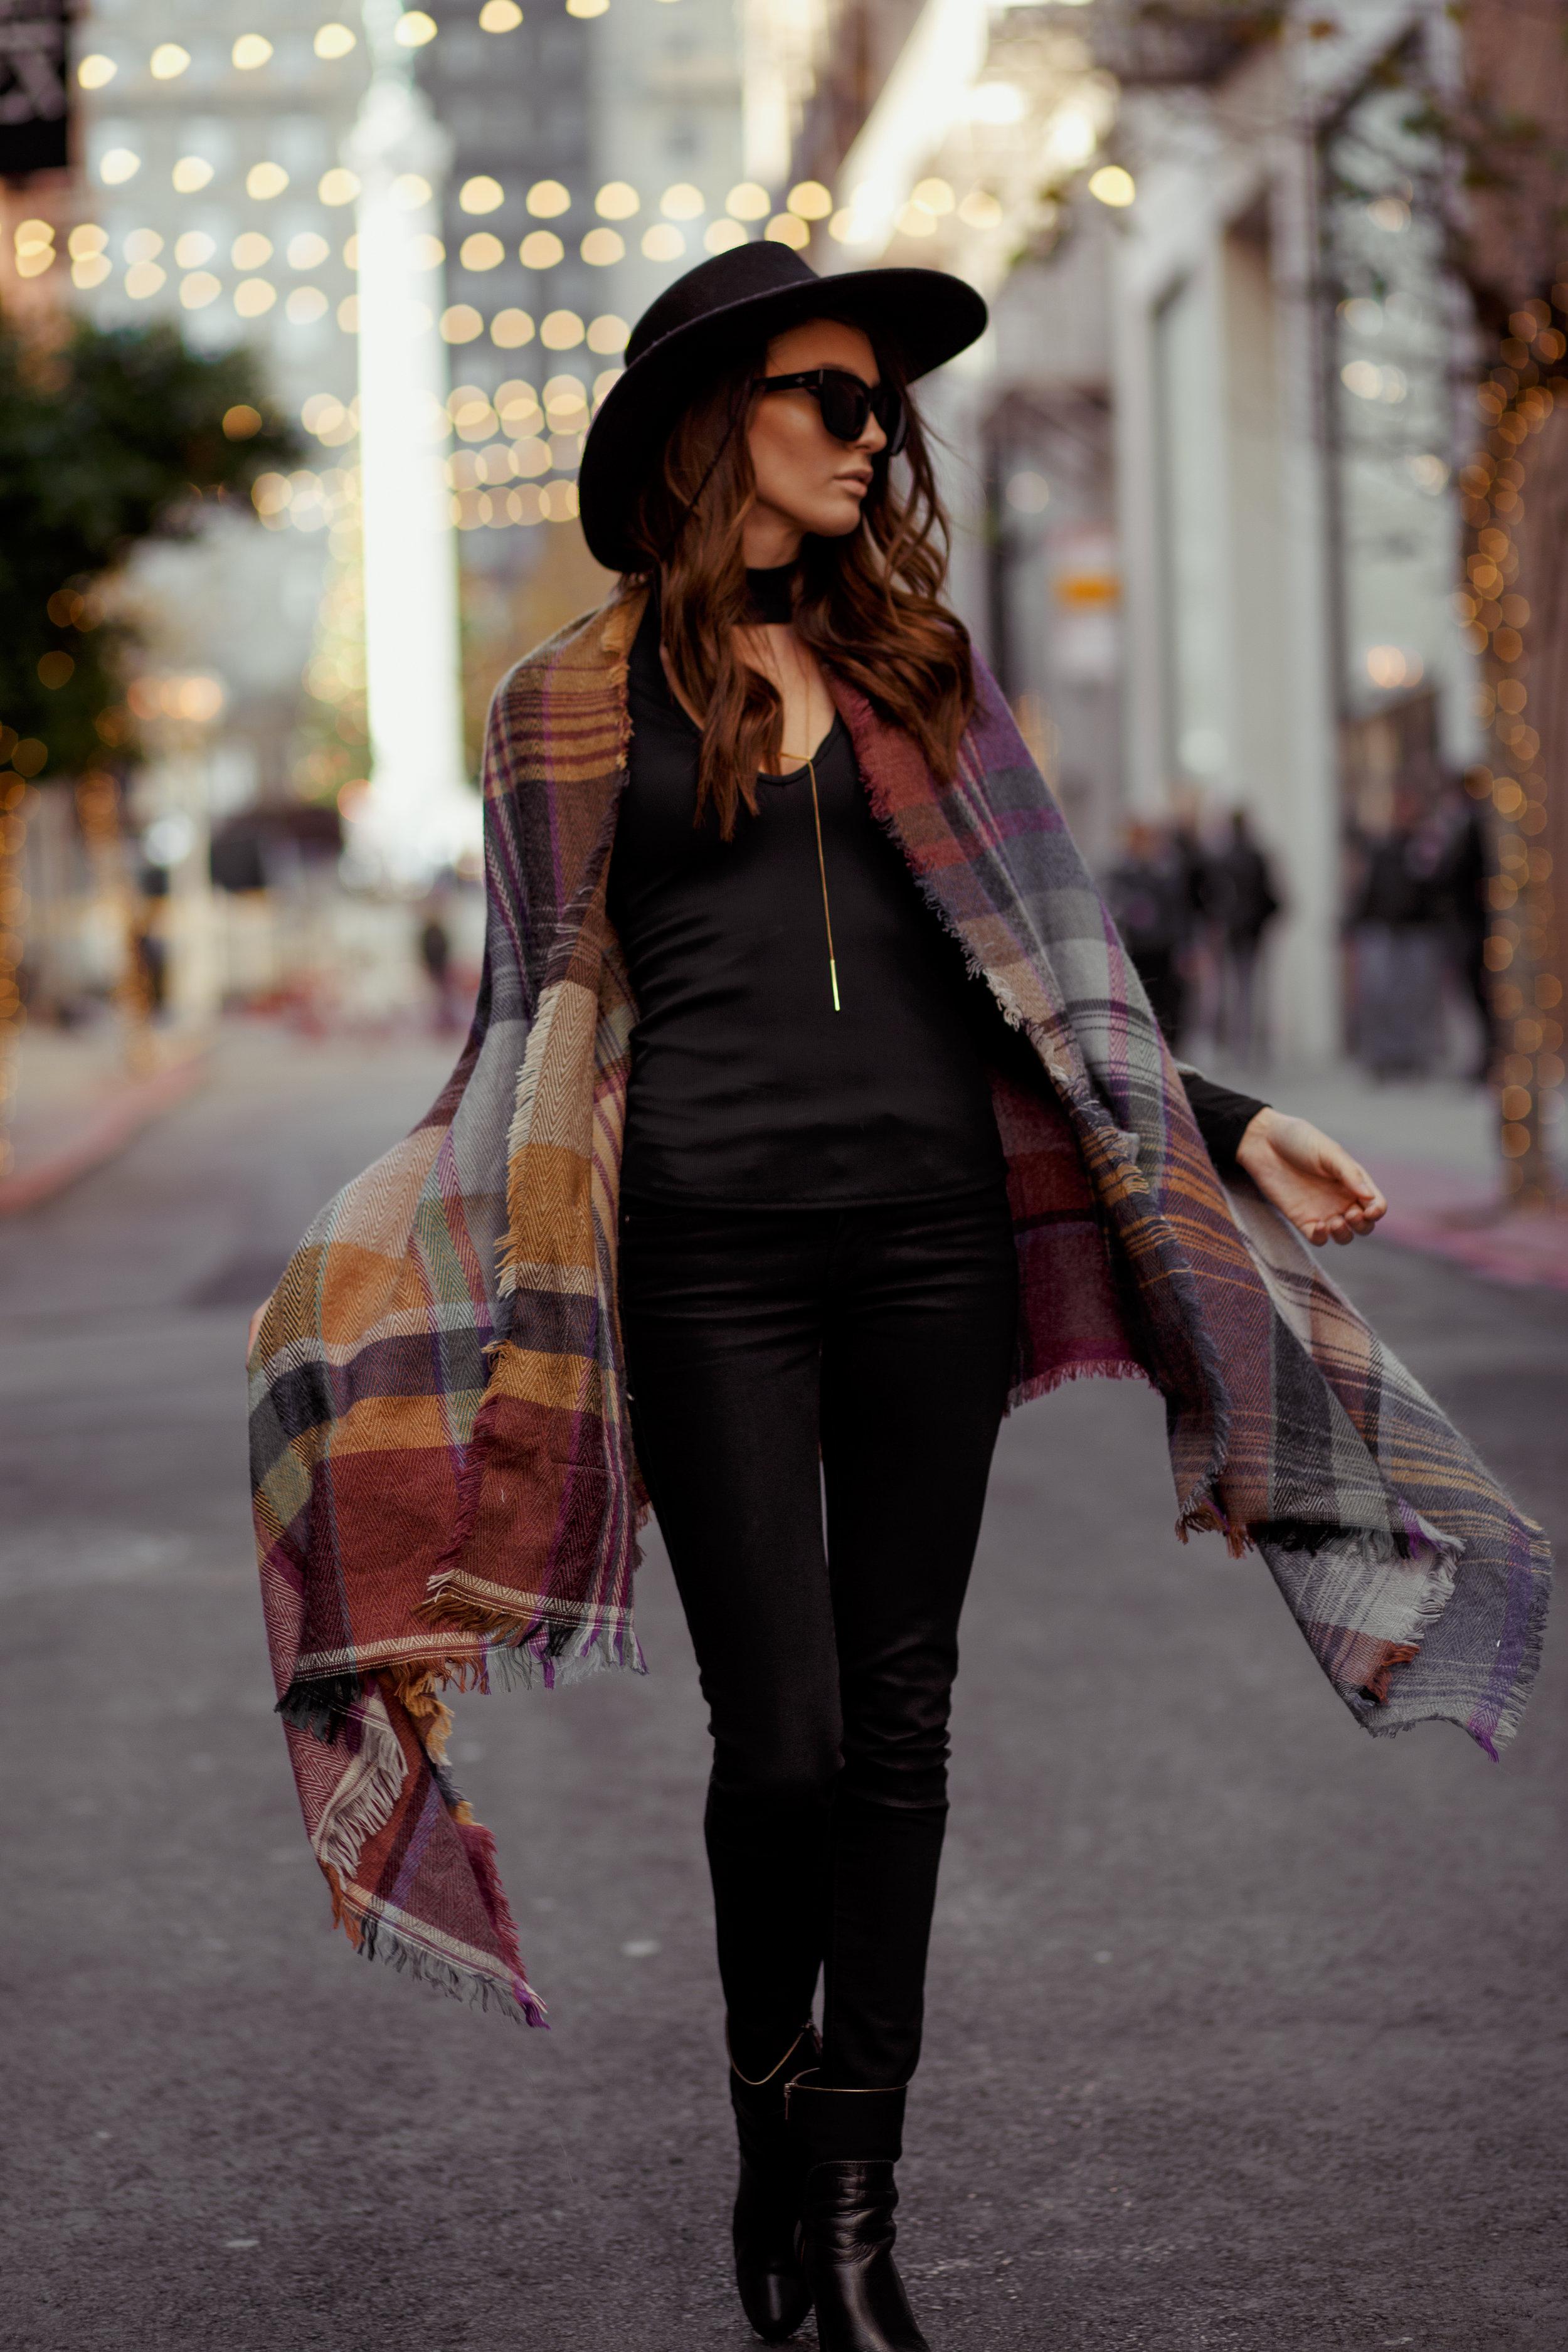 Fashion_Blogger_Elise_Gabriel_Model